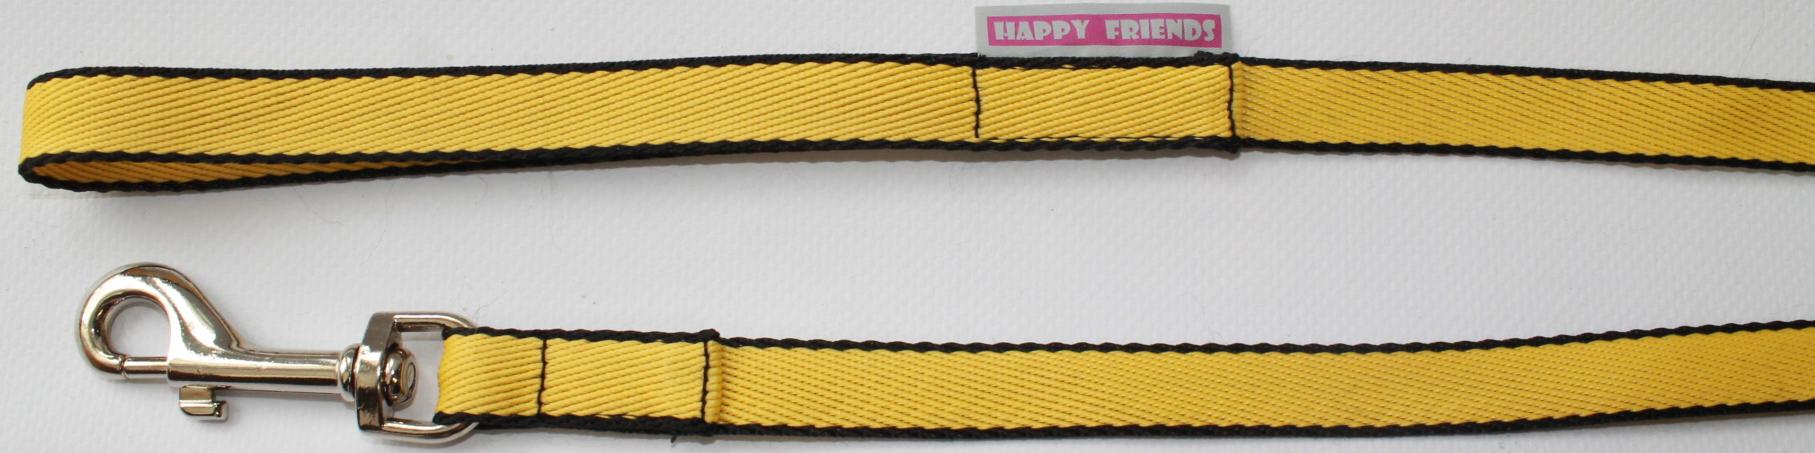 Поводок для собак Happy Friends, цвет: желтый, ширина 1 см, длина 1,20 м поводок для собак happy house luxury цвет темно коричневый длина 125 см